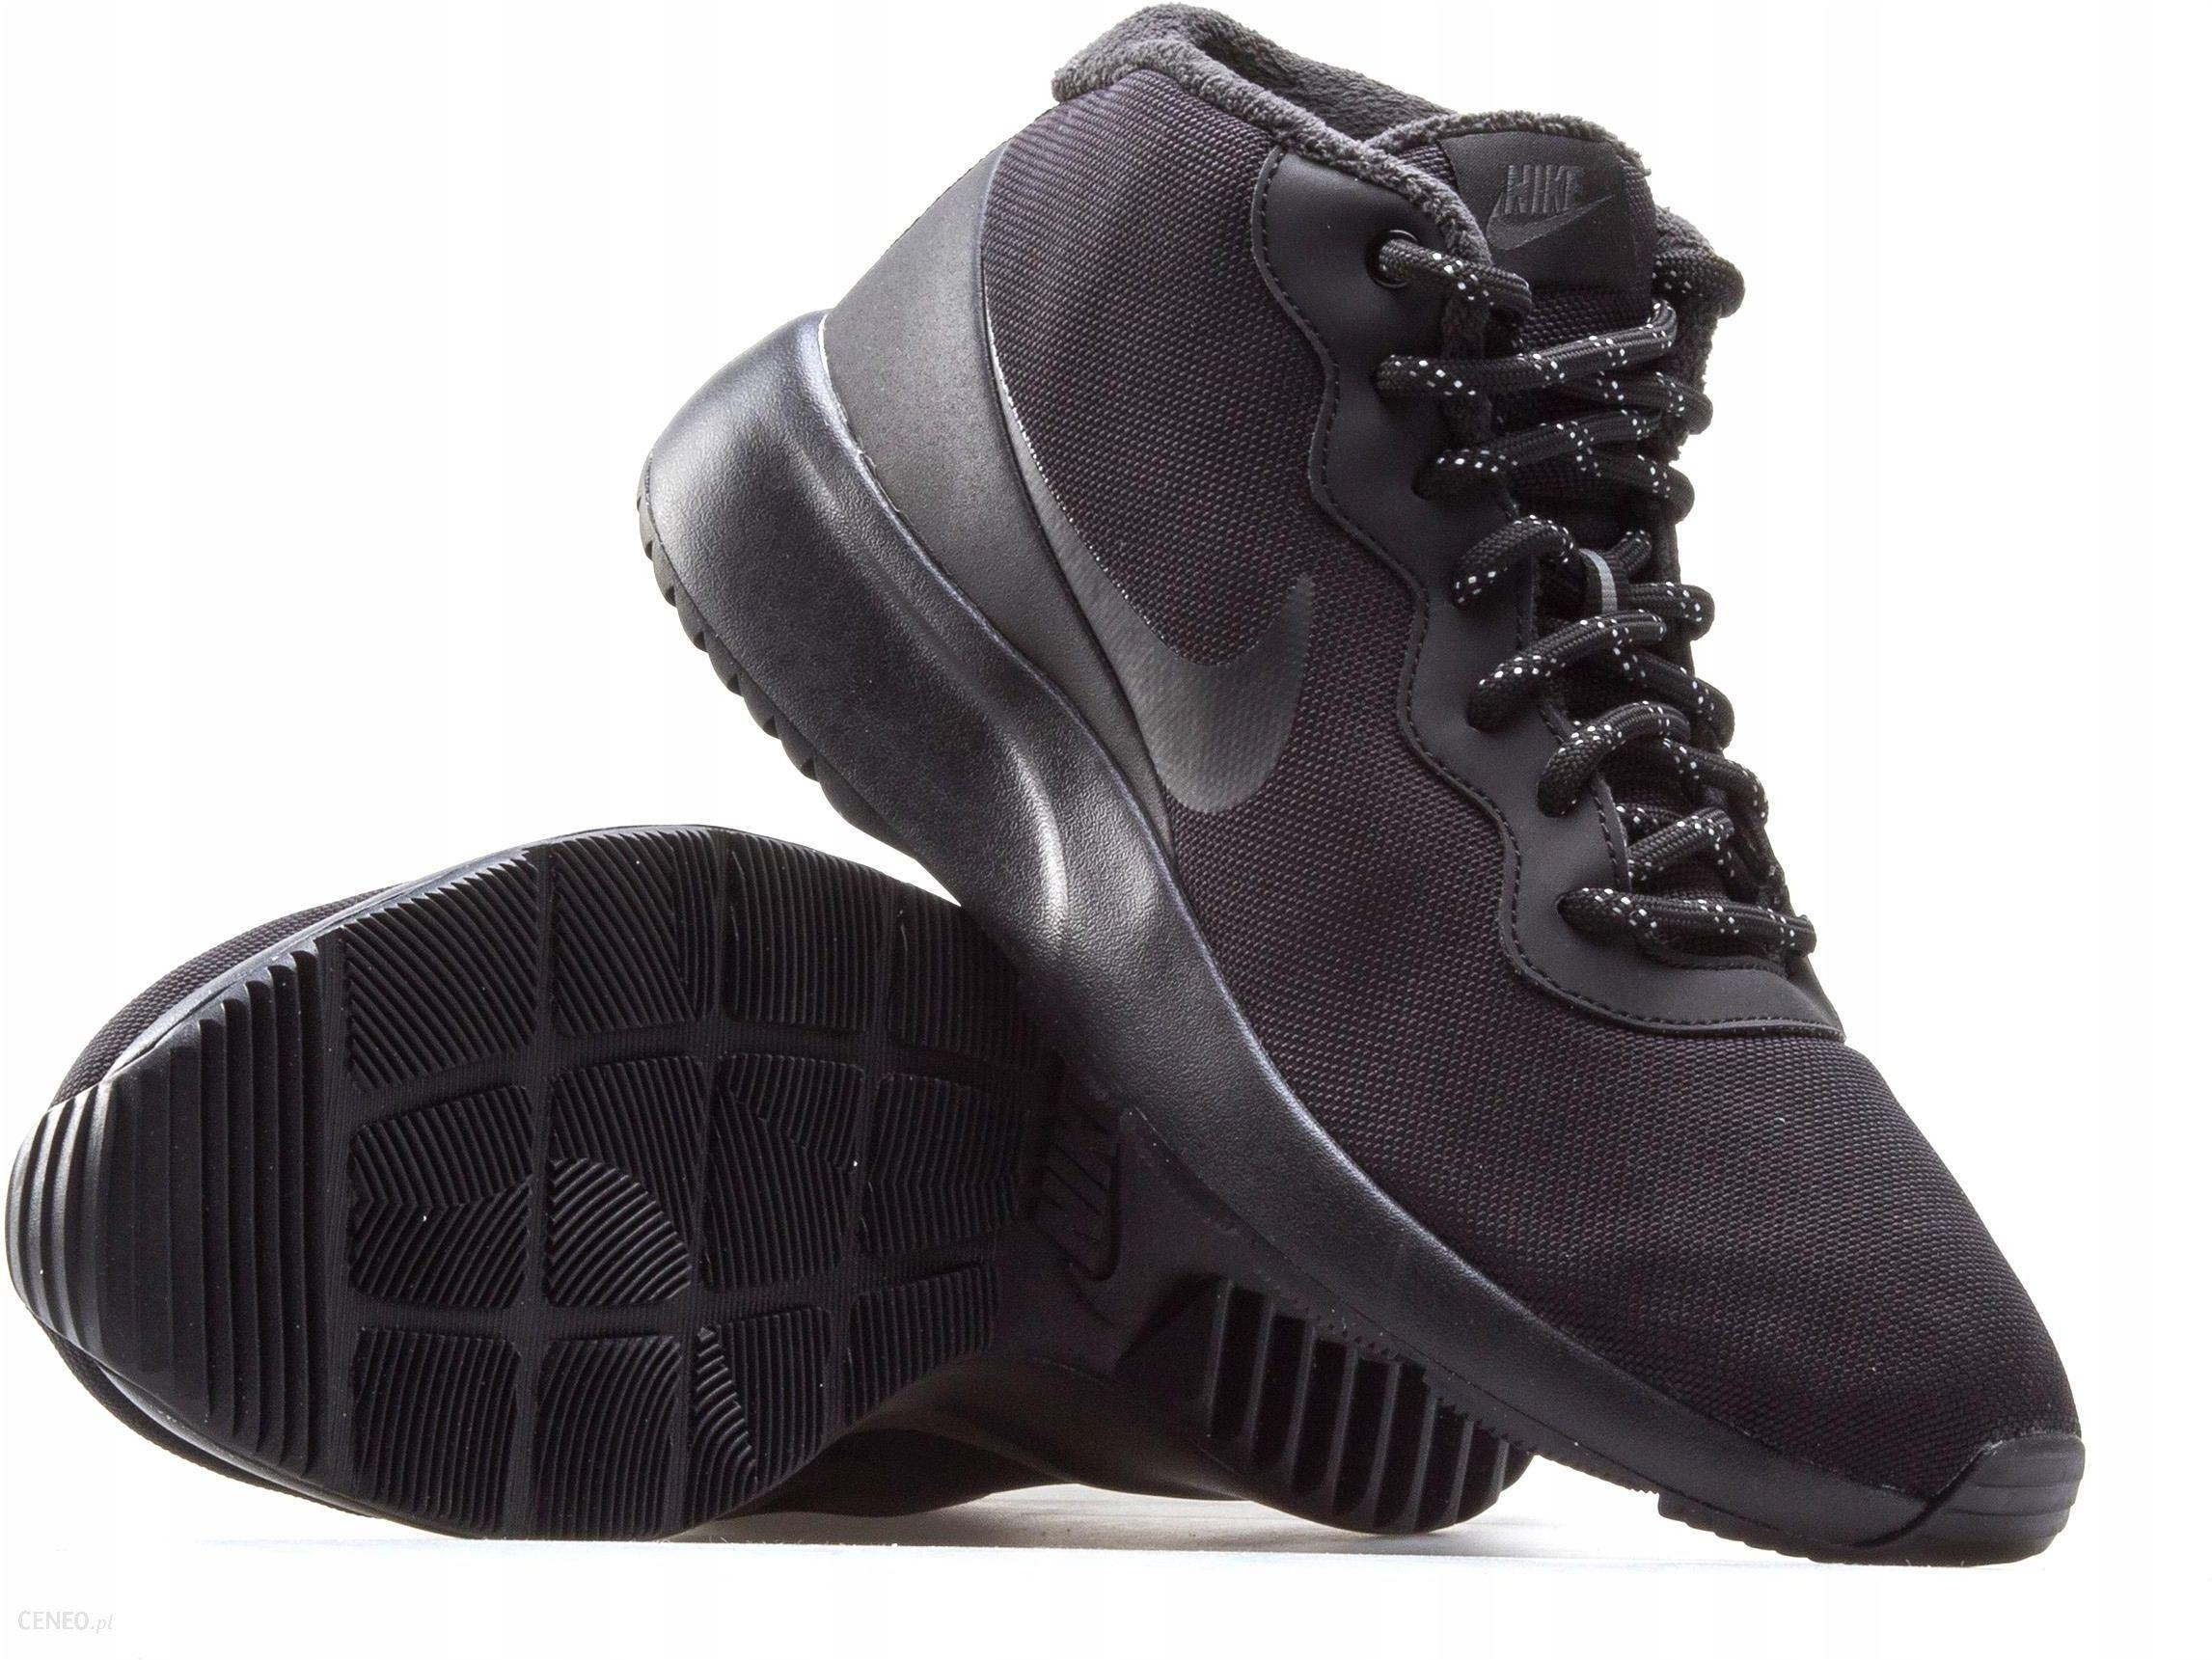 Buty męskie Nike Tanjun Chukka 858655 001 r. 44,5 Ceny i opinie Ceneo.pl